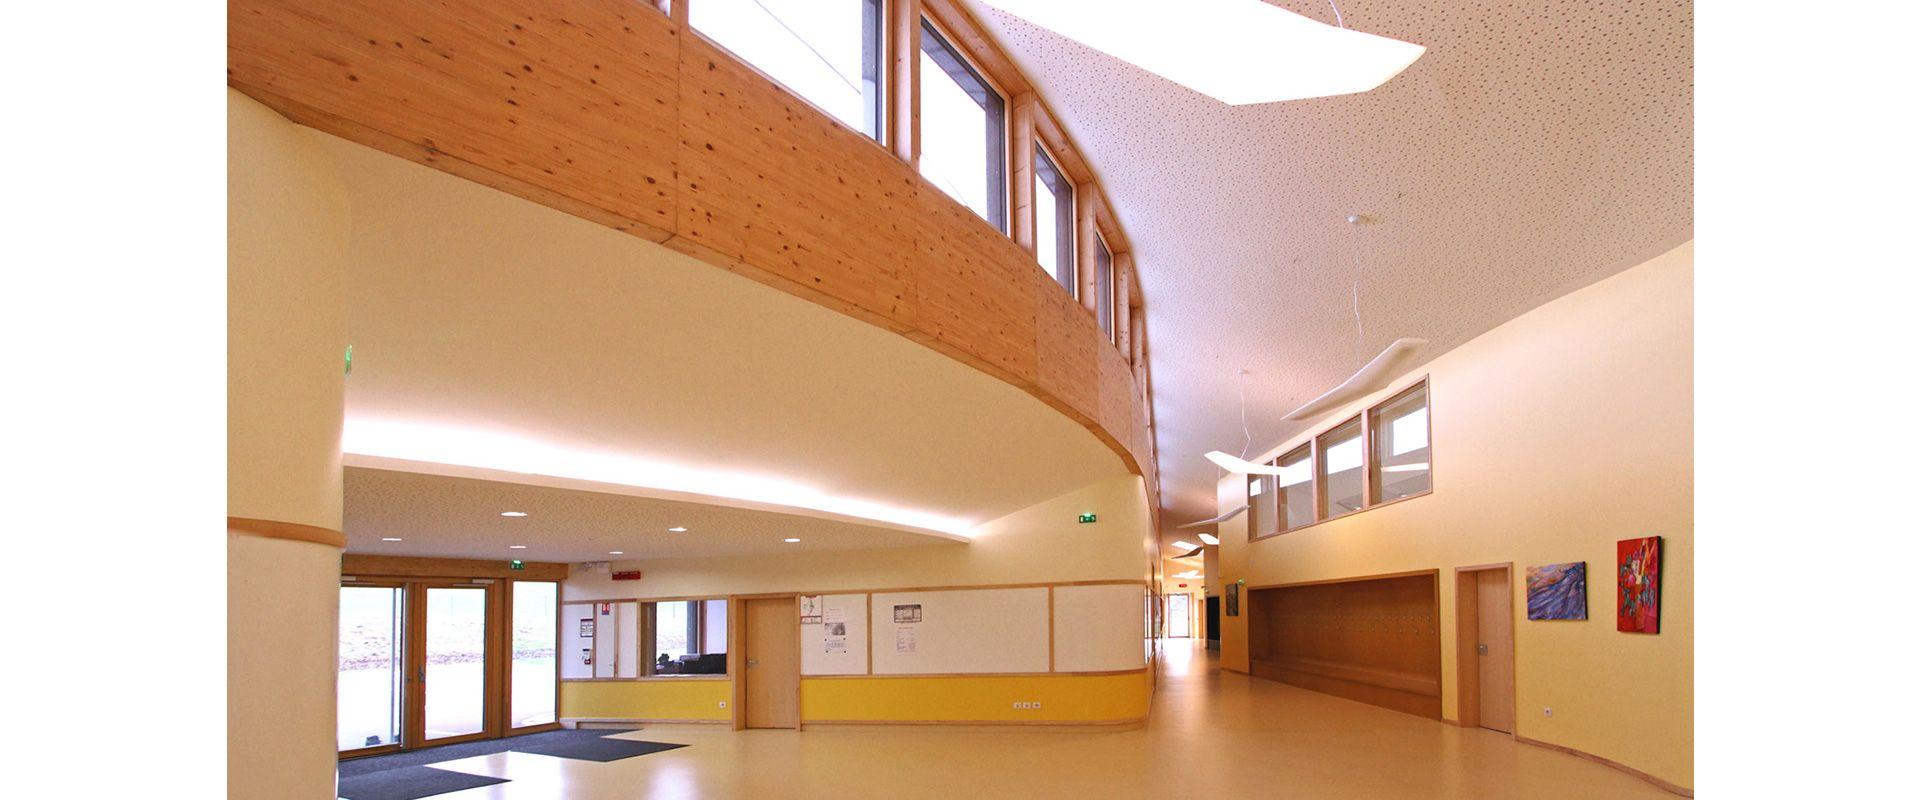 Architecture école